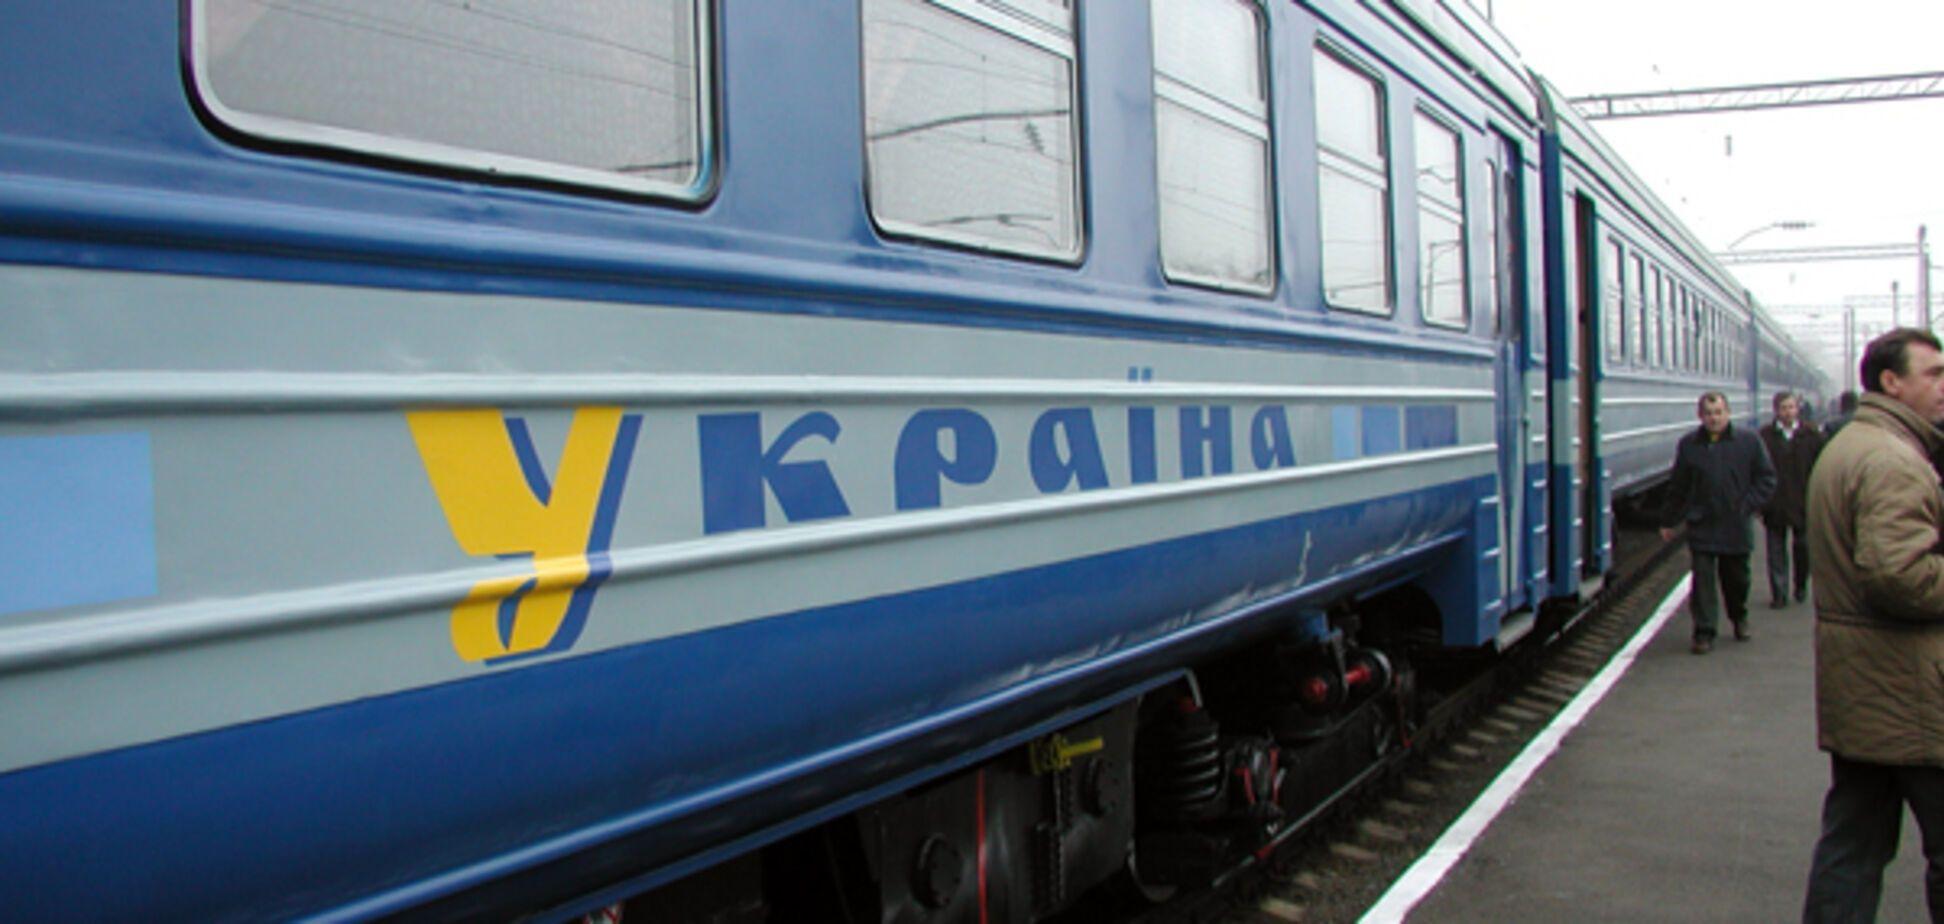 В поезде Львов-Запорожье произошло смертельное ЧП: что известно